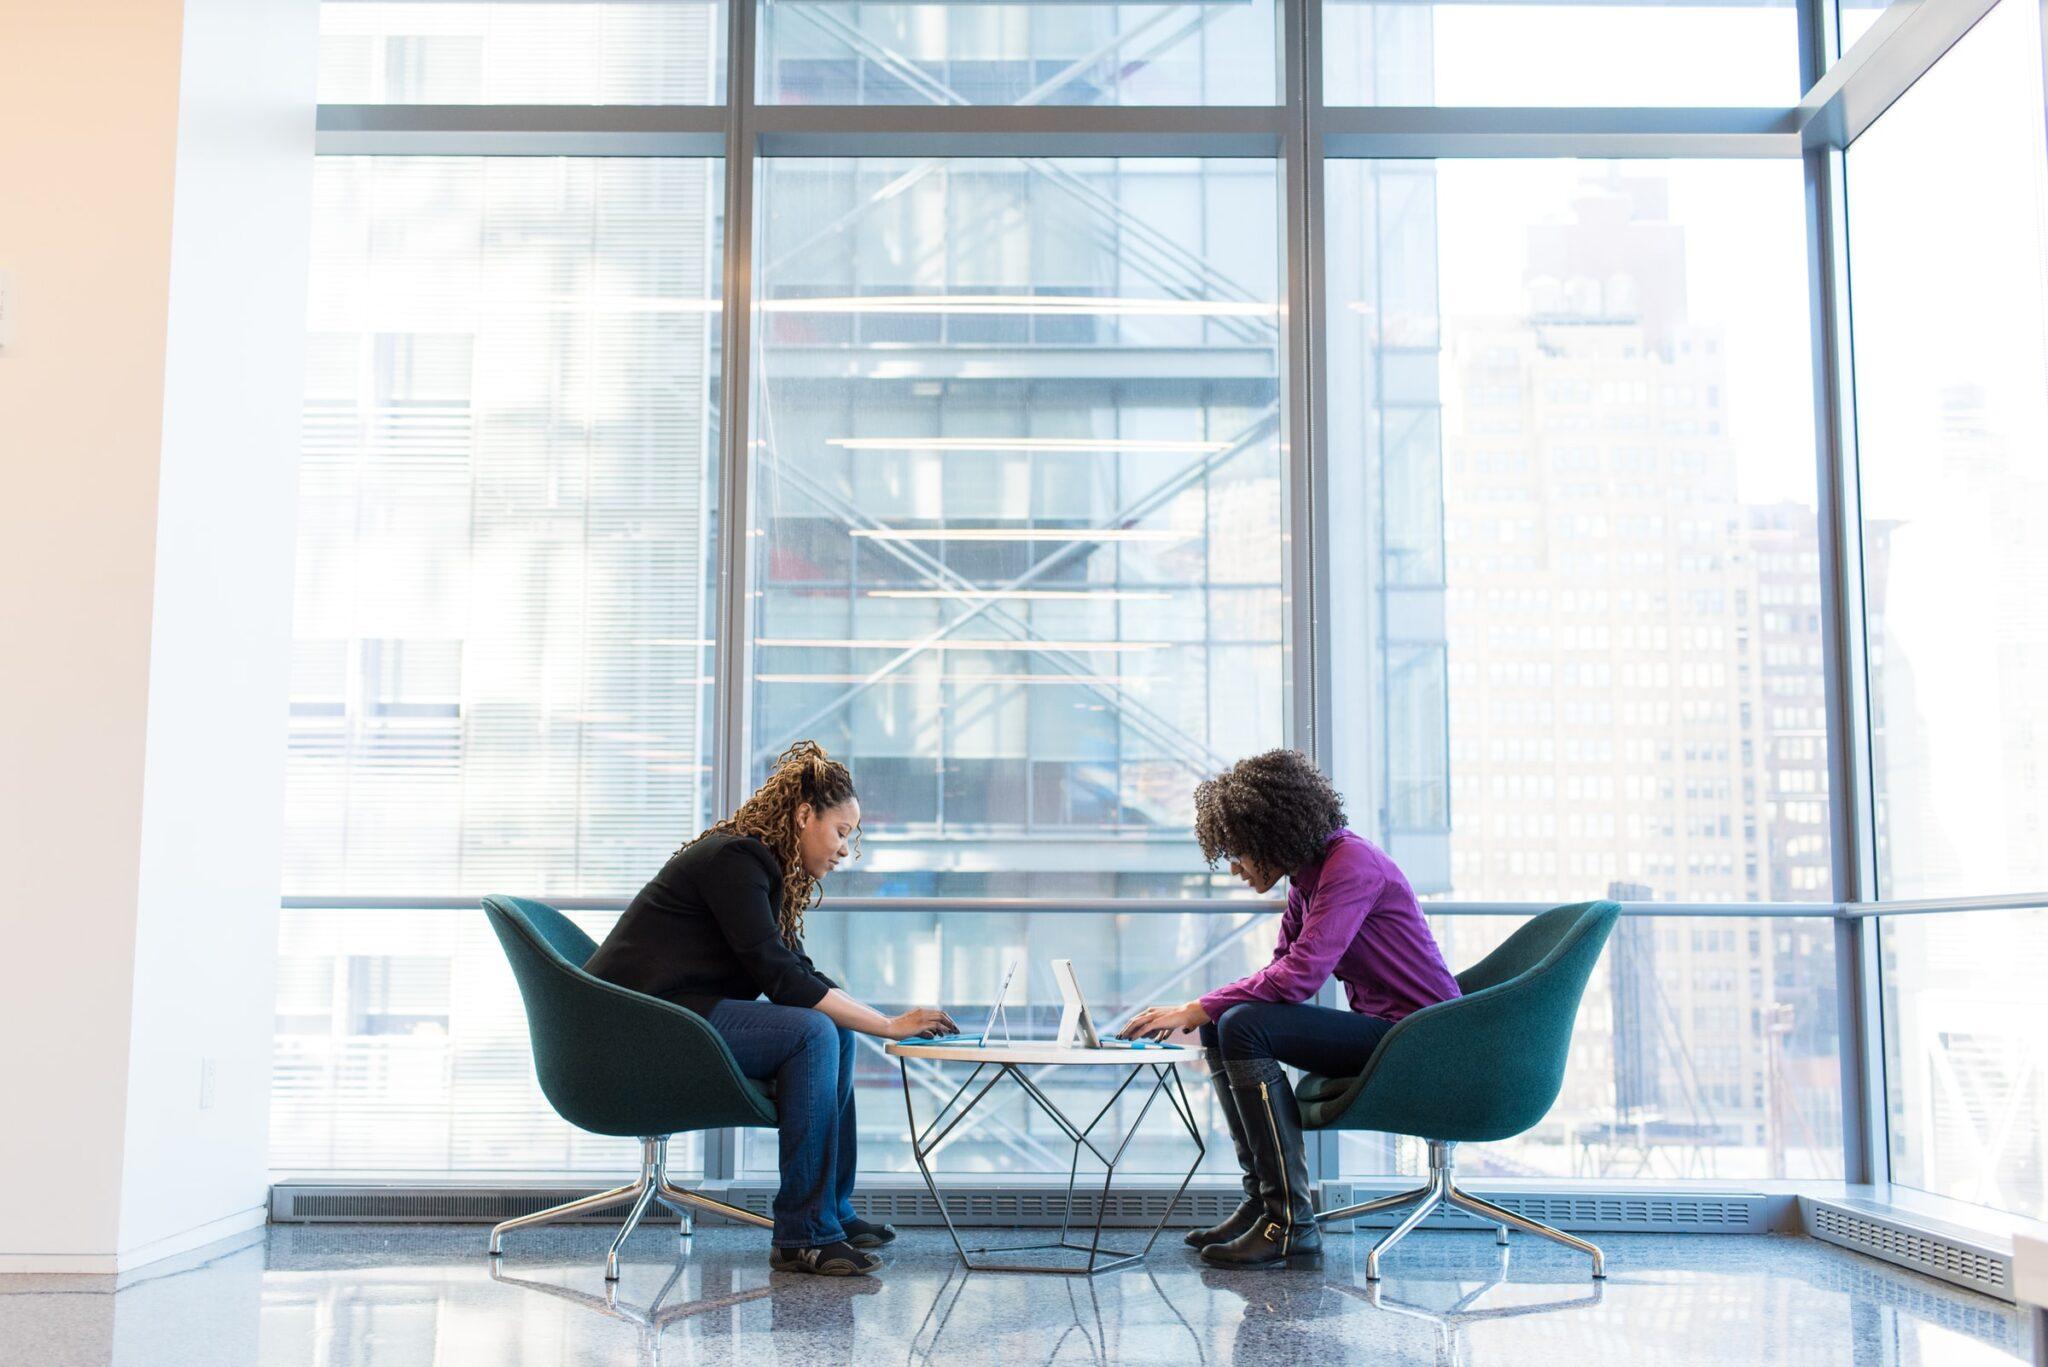 2 Frauen sitzen recht krumm über Laptops gebeugt an einem Cafétisch